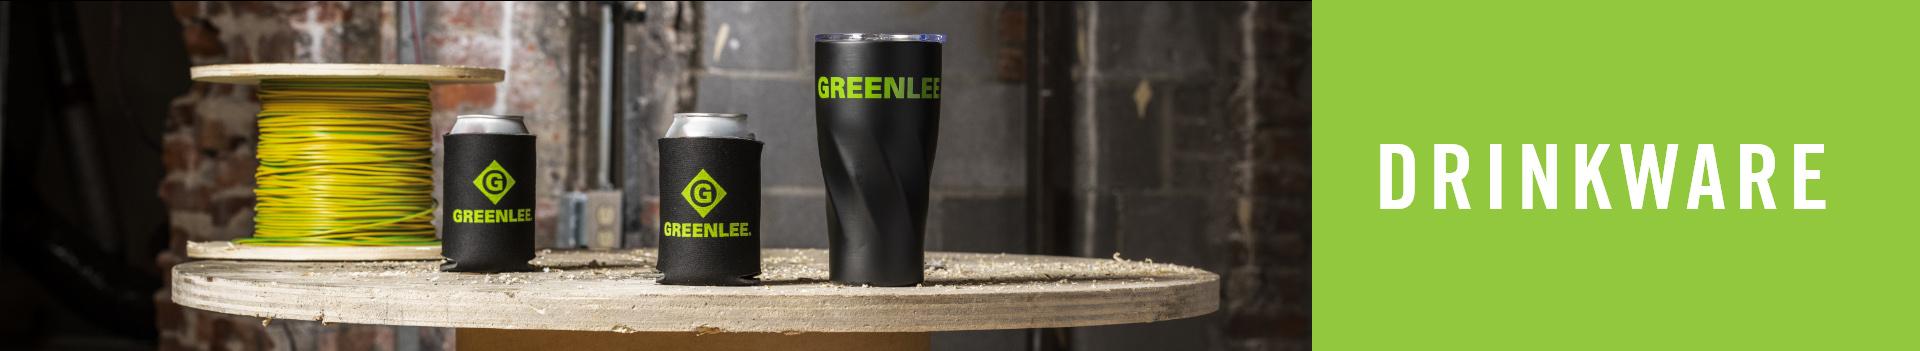 Greenlee Drinkware